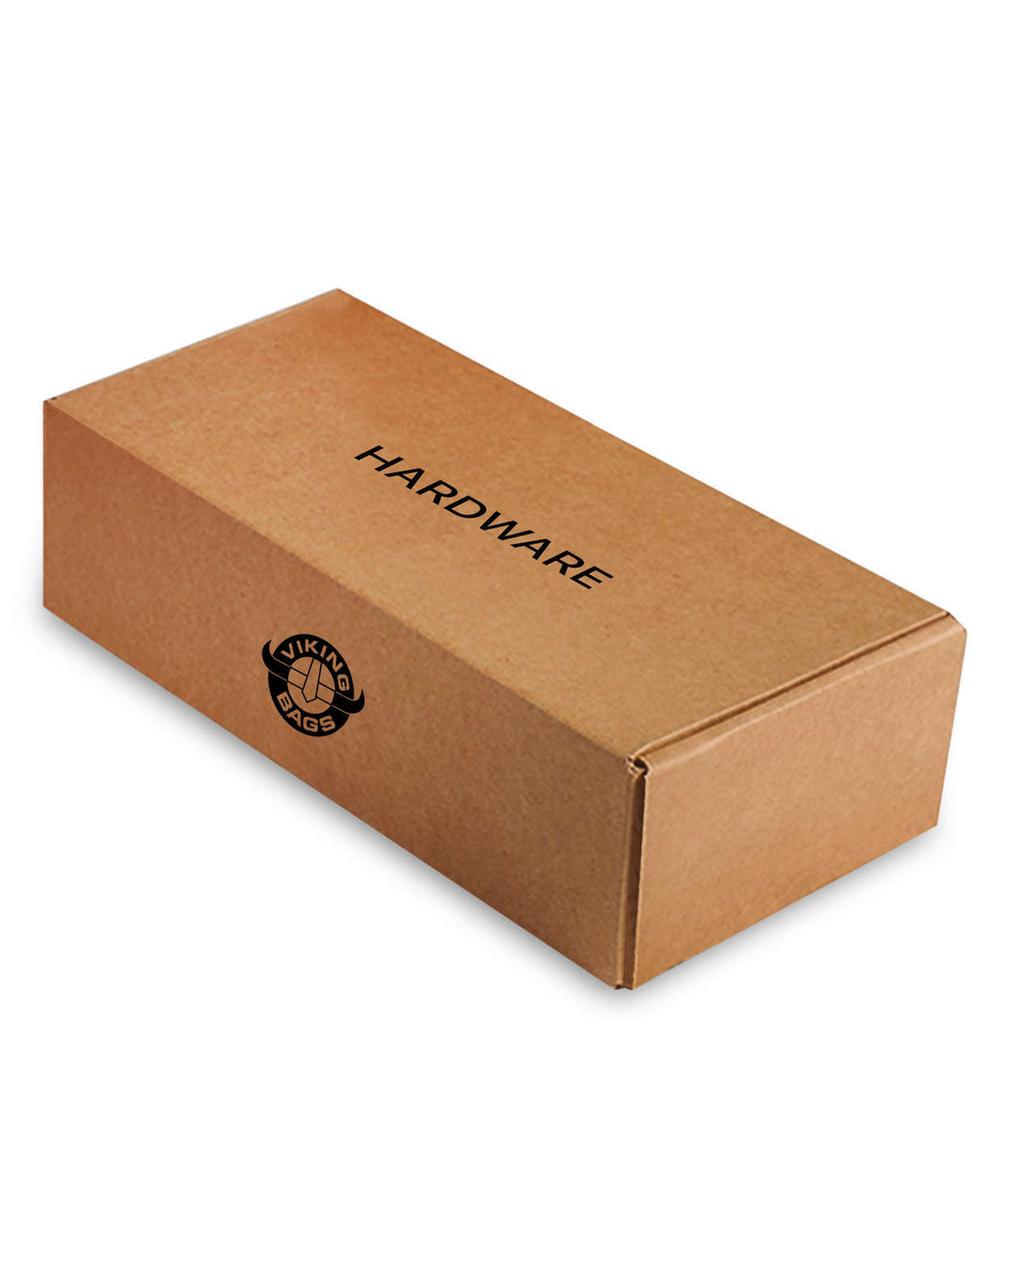 Honda VTX 1800 F Warrior Slanted Large Motorcycle Saddlebags Hardware Box